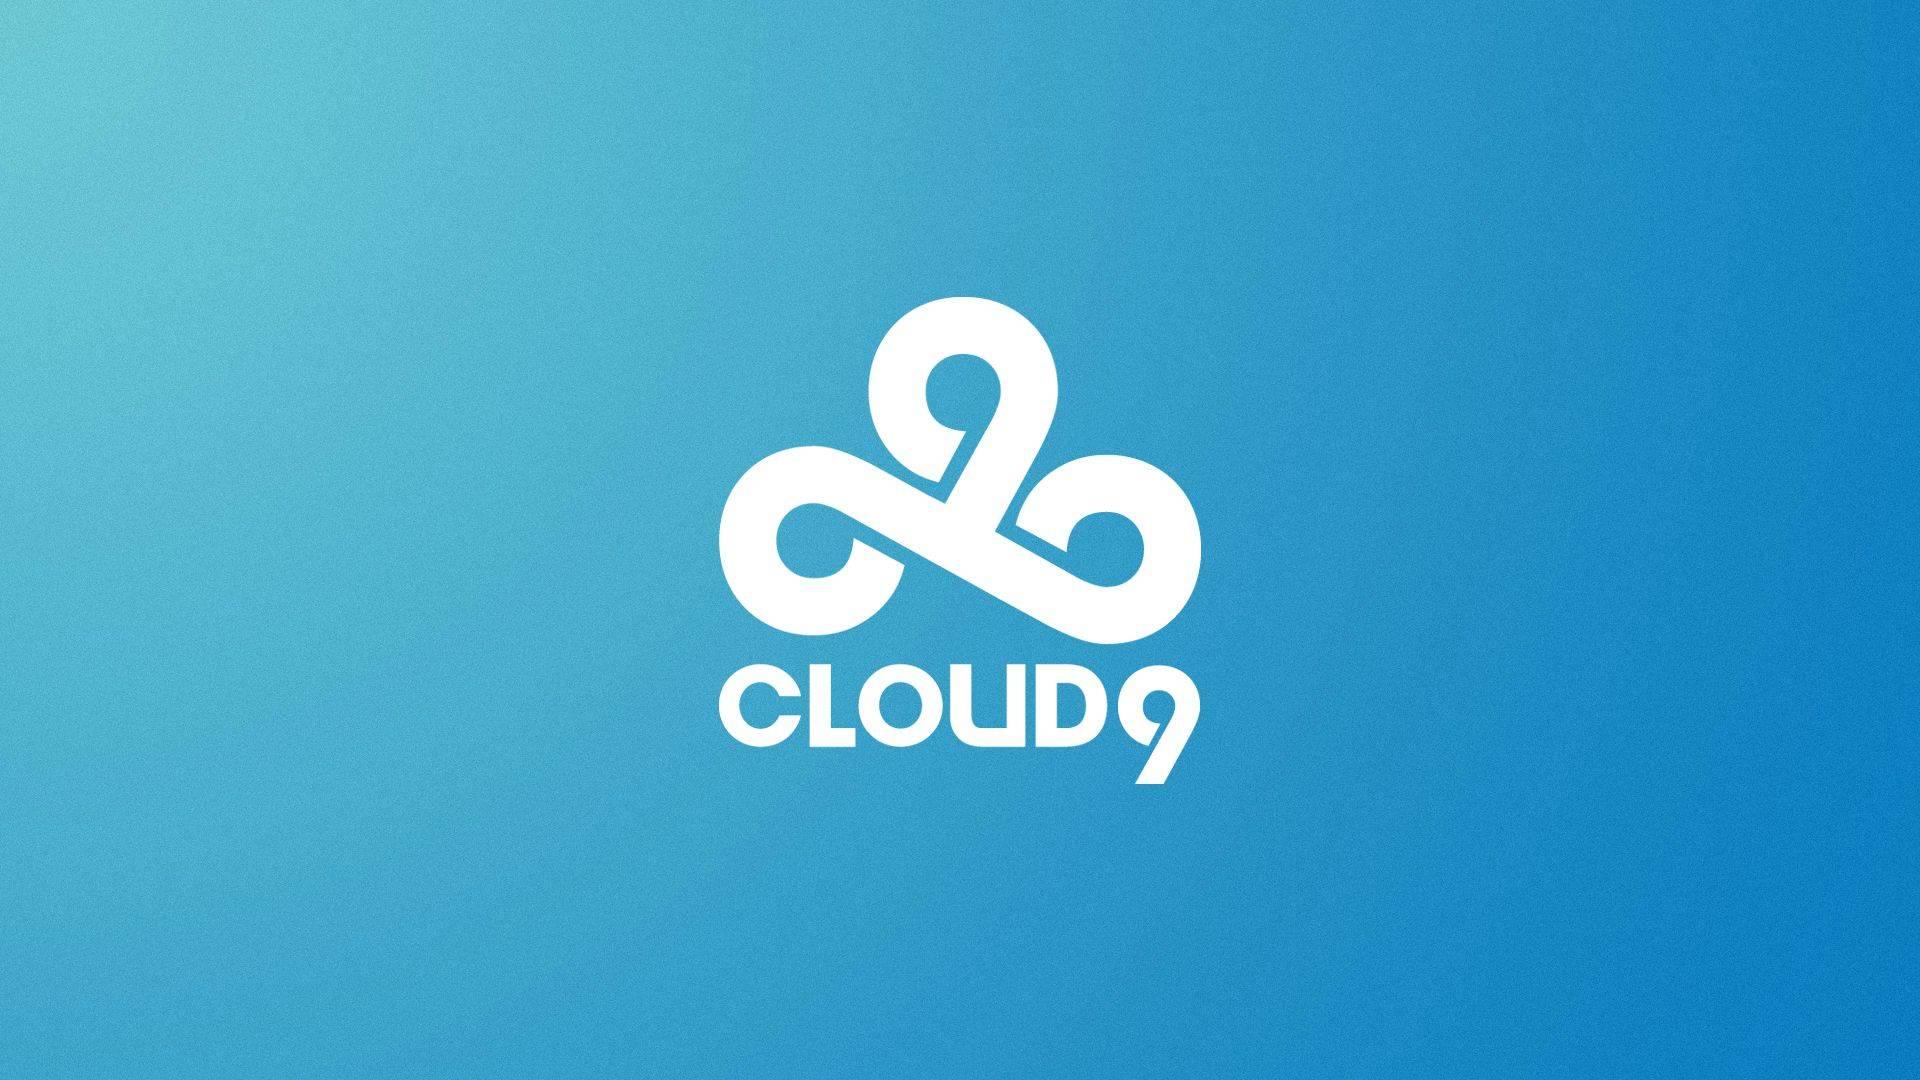 cloud9-game-awards-culturageek-com-ar